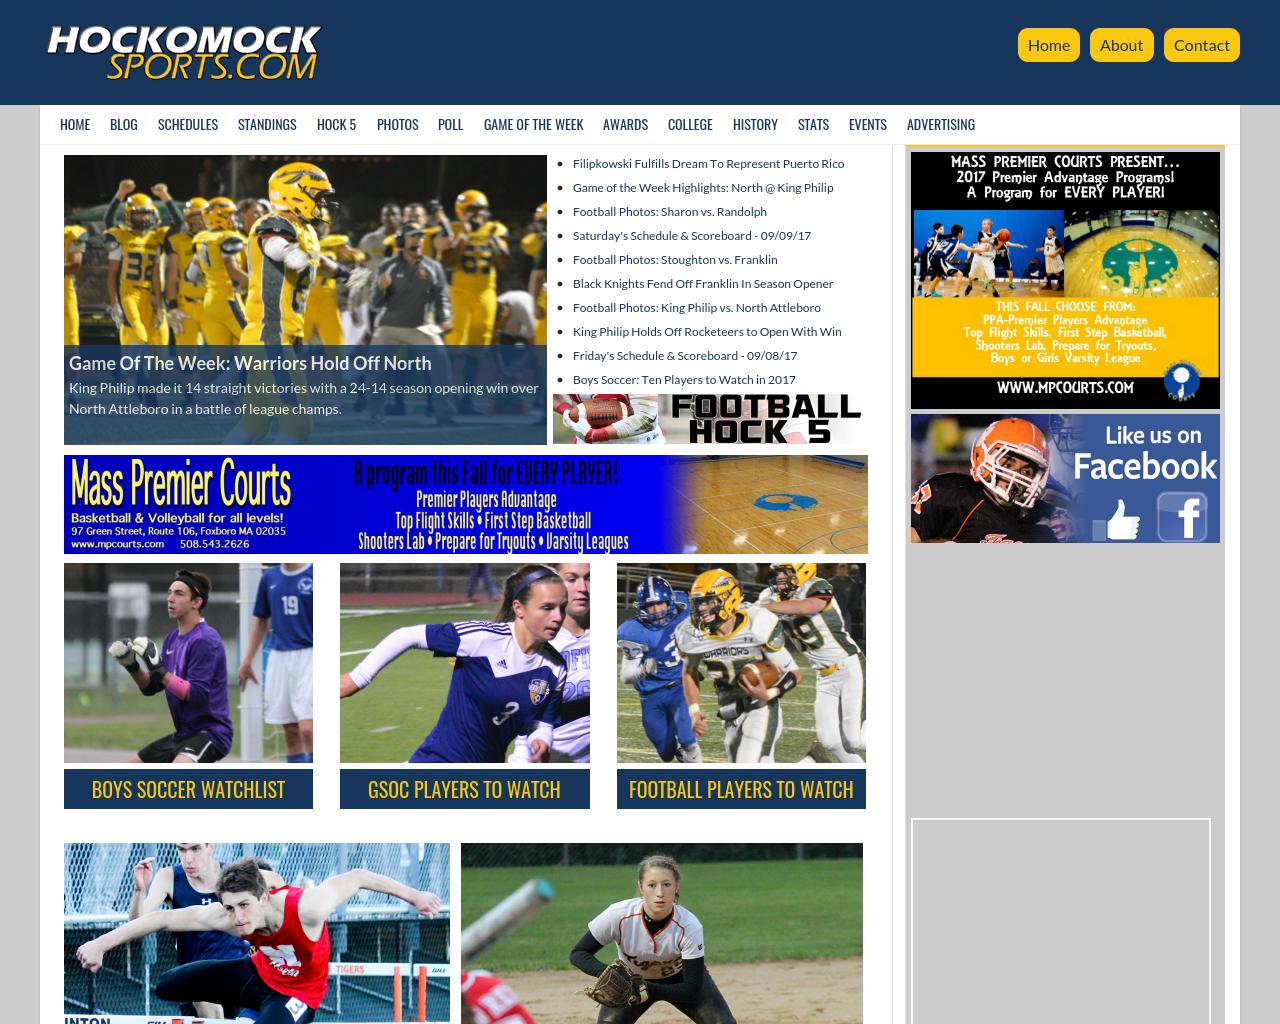 HockomockSports.com-Advertising-Reviews-Pricing